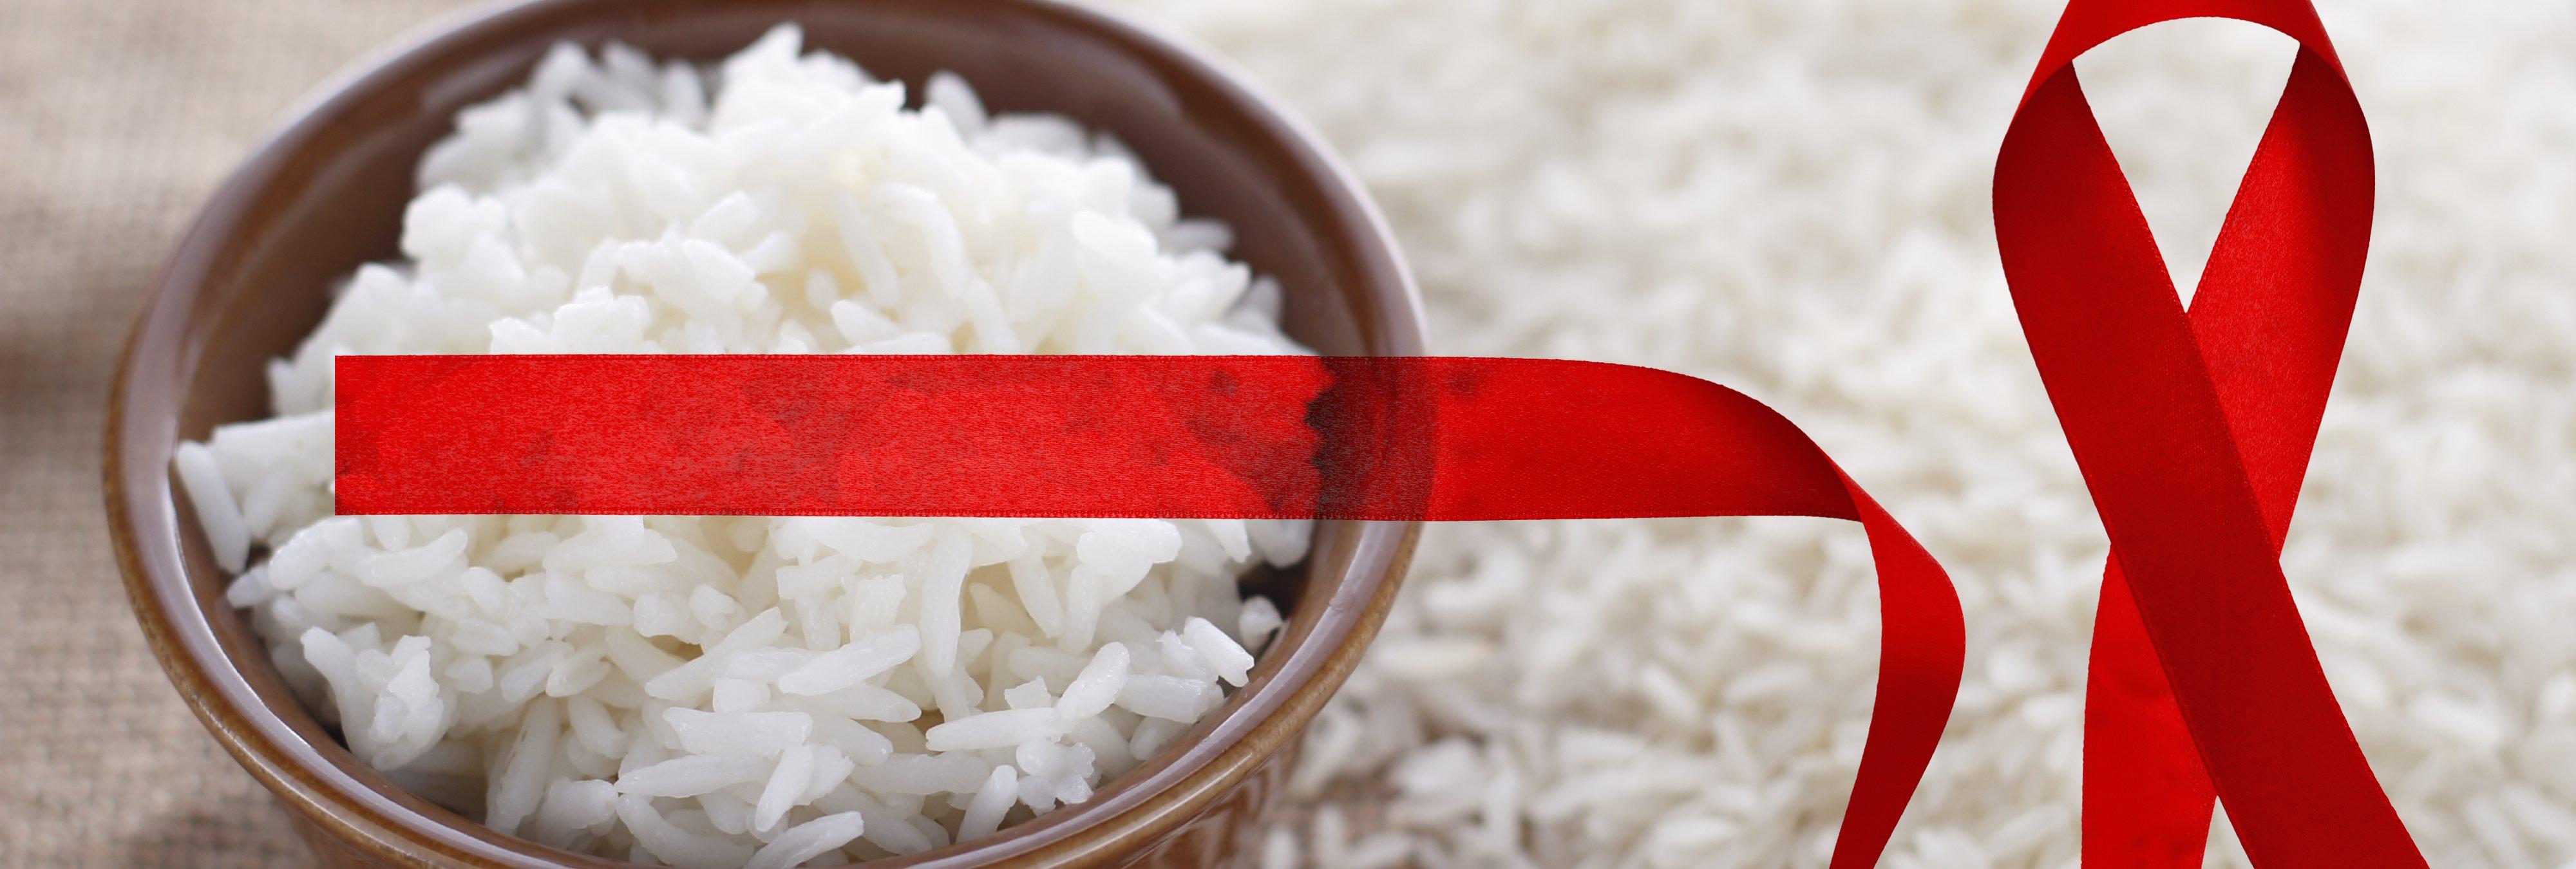 El arroz transgénico, clave para combatir el VIH